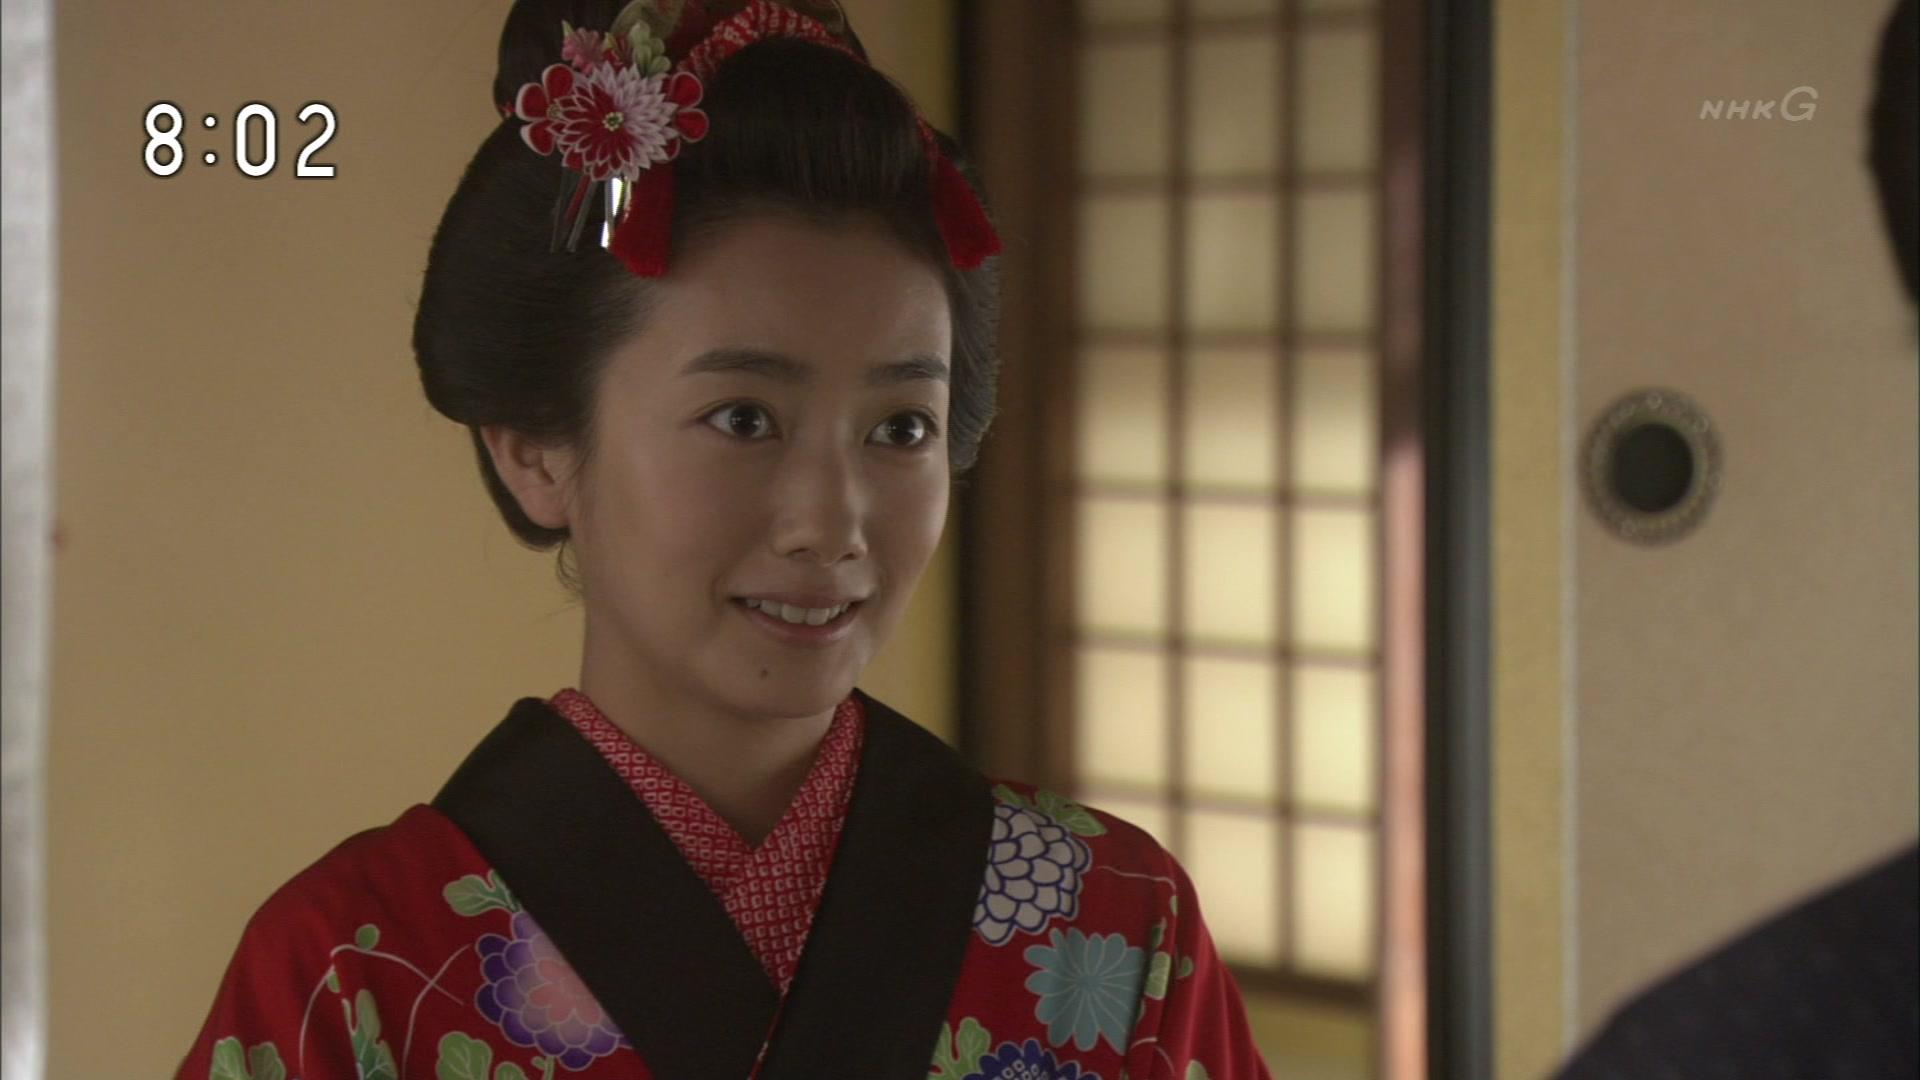 2015-10-10 08:00 連続テレビ小説 あさが来た(12)「ふたつの花びら」 0568